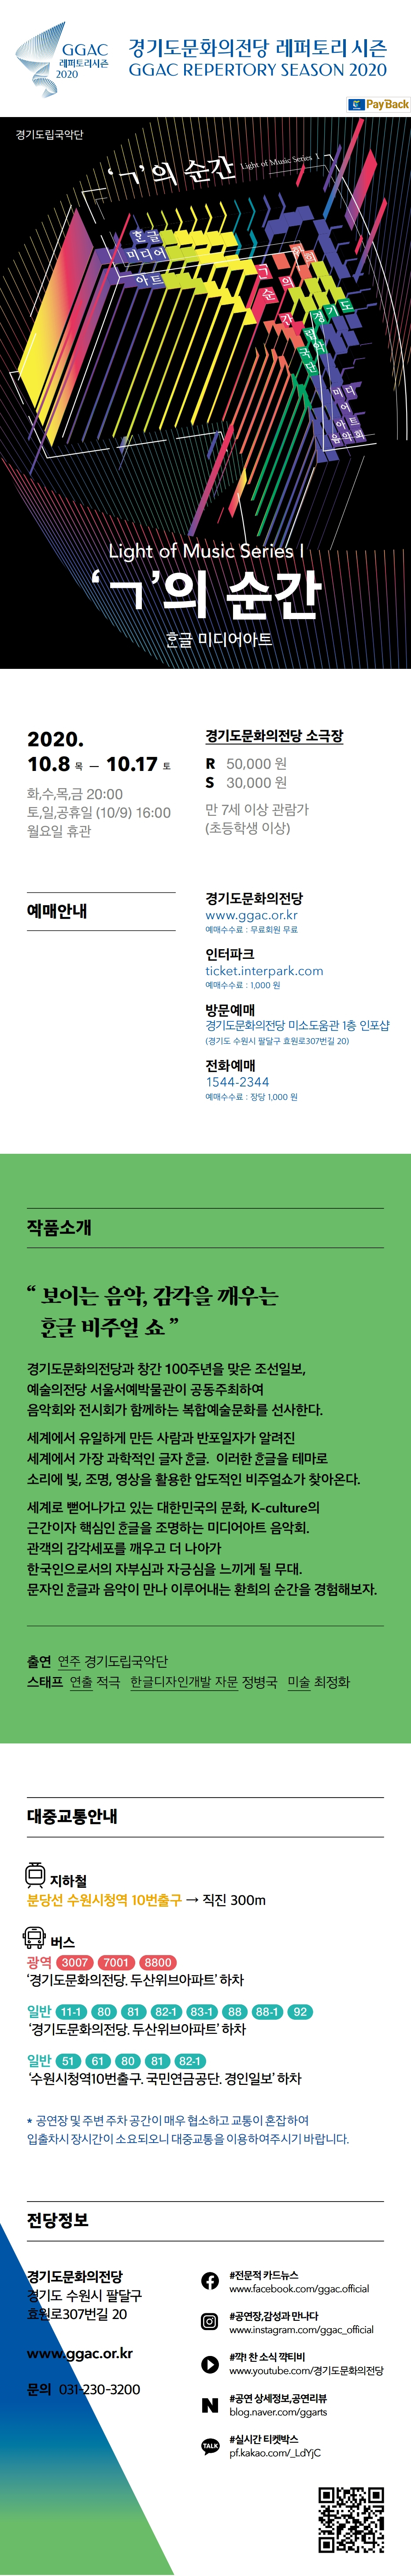 경기도립국악단 한글미디어아트 <ㄱ의 순간> - 2020 레퍼토리 시즌